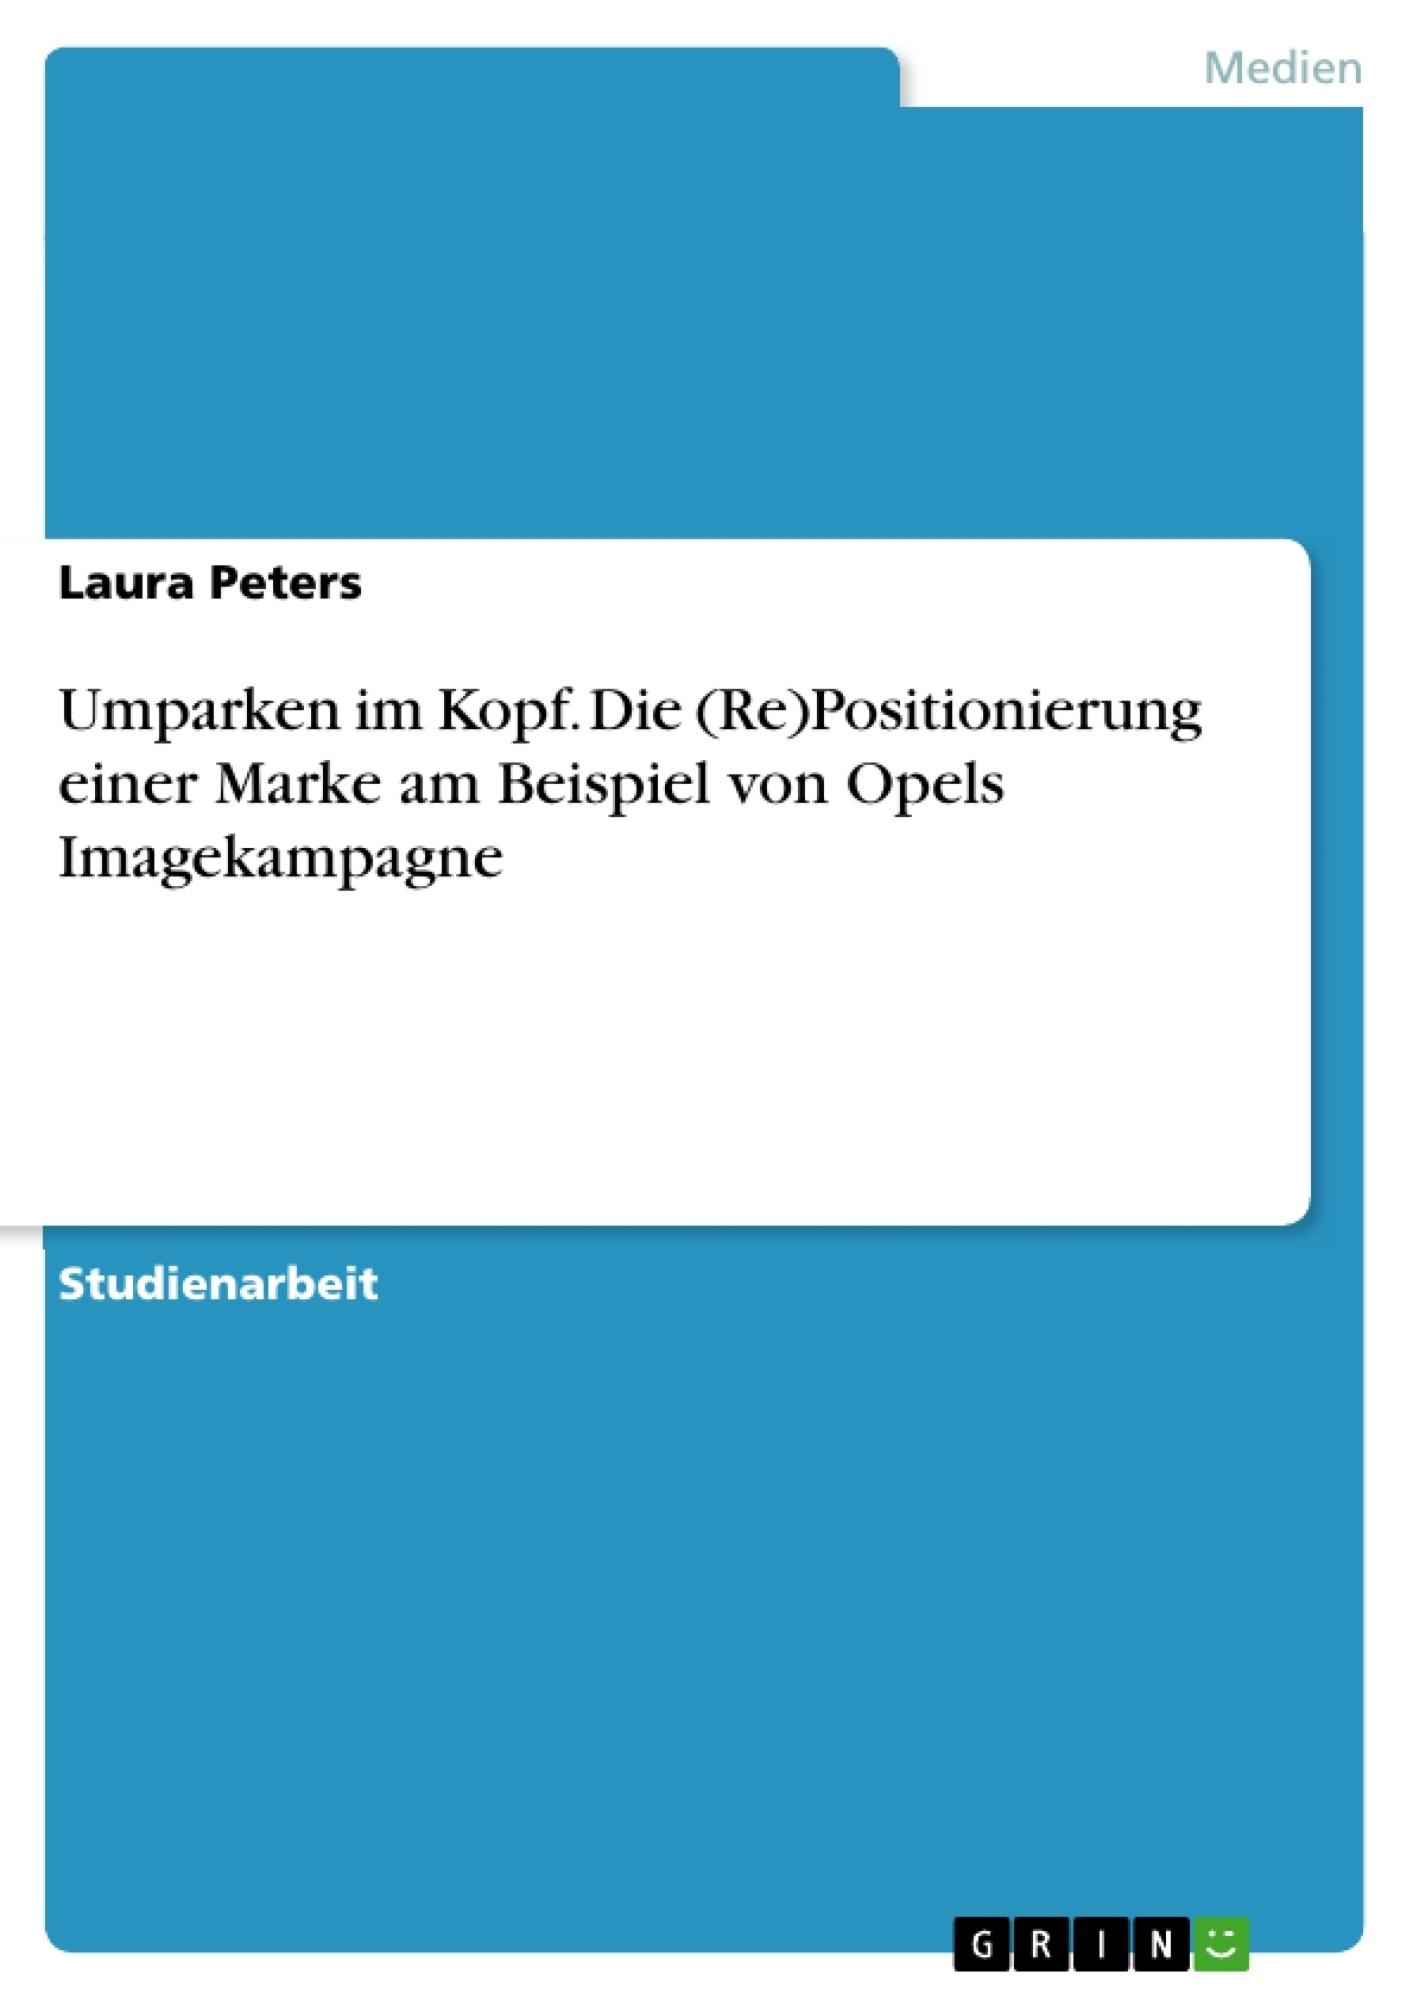 Titel: Umparken im Kopf. Die (Re)Positionierung einer Marke am Beispiel von Opels Imagekampagne